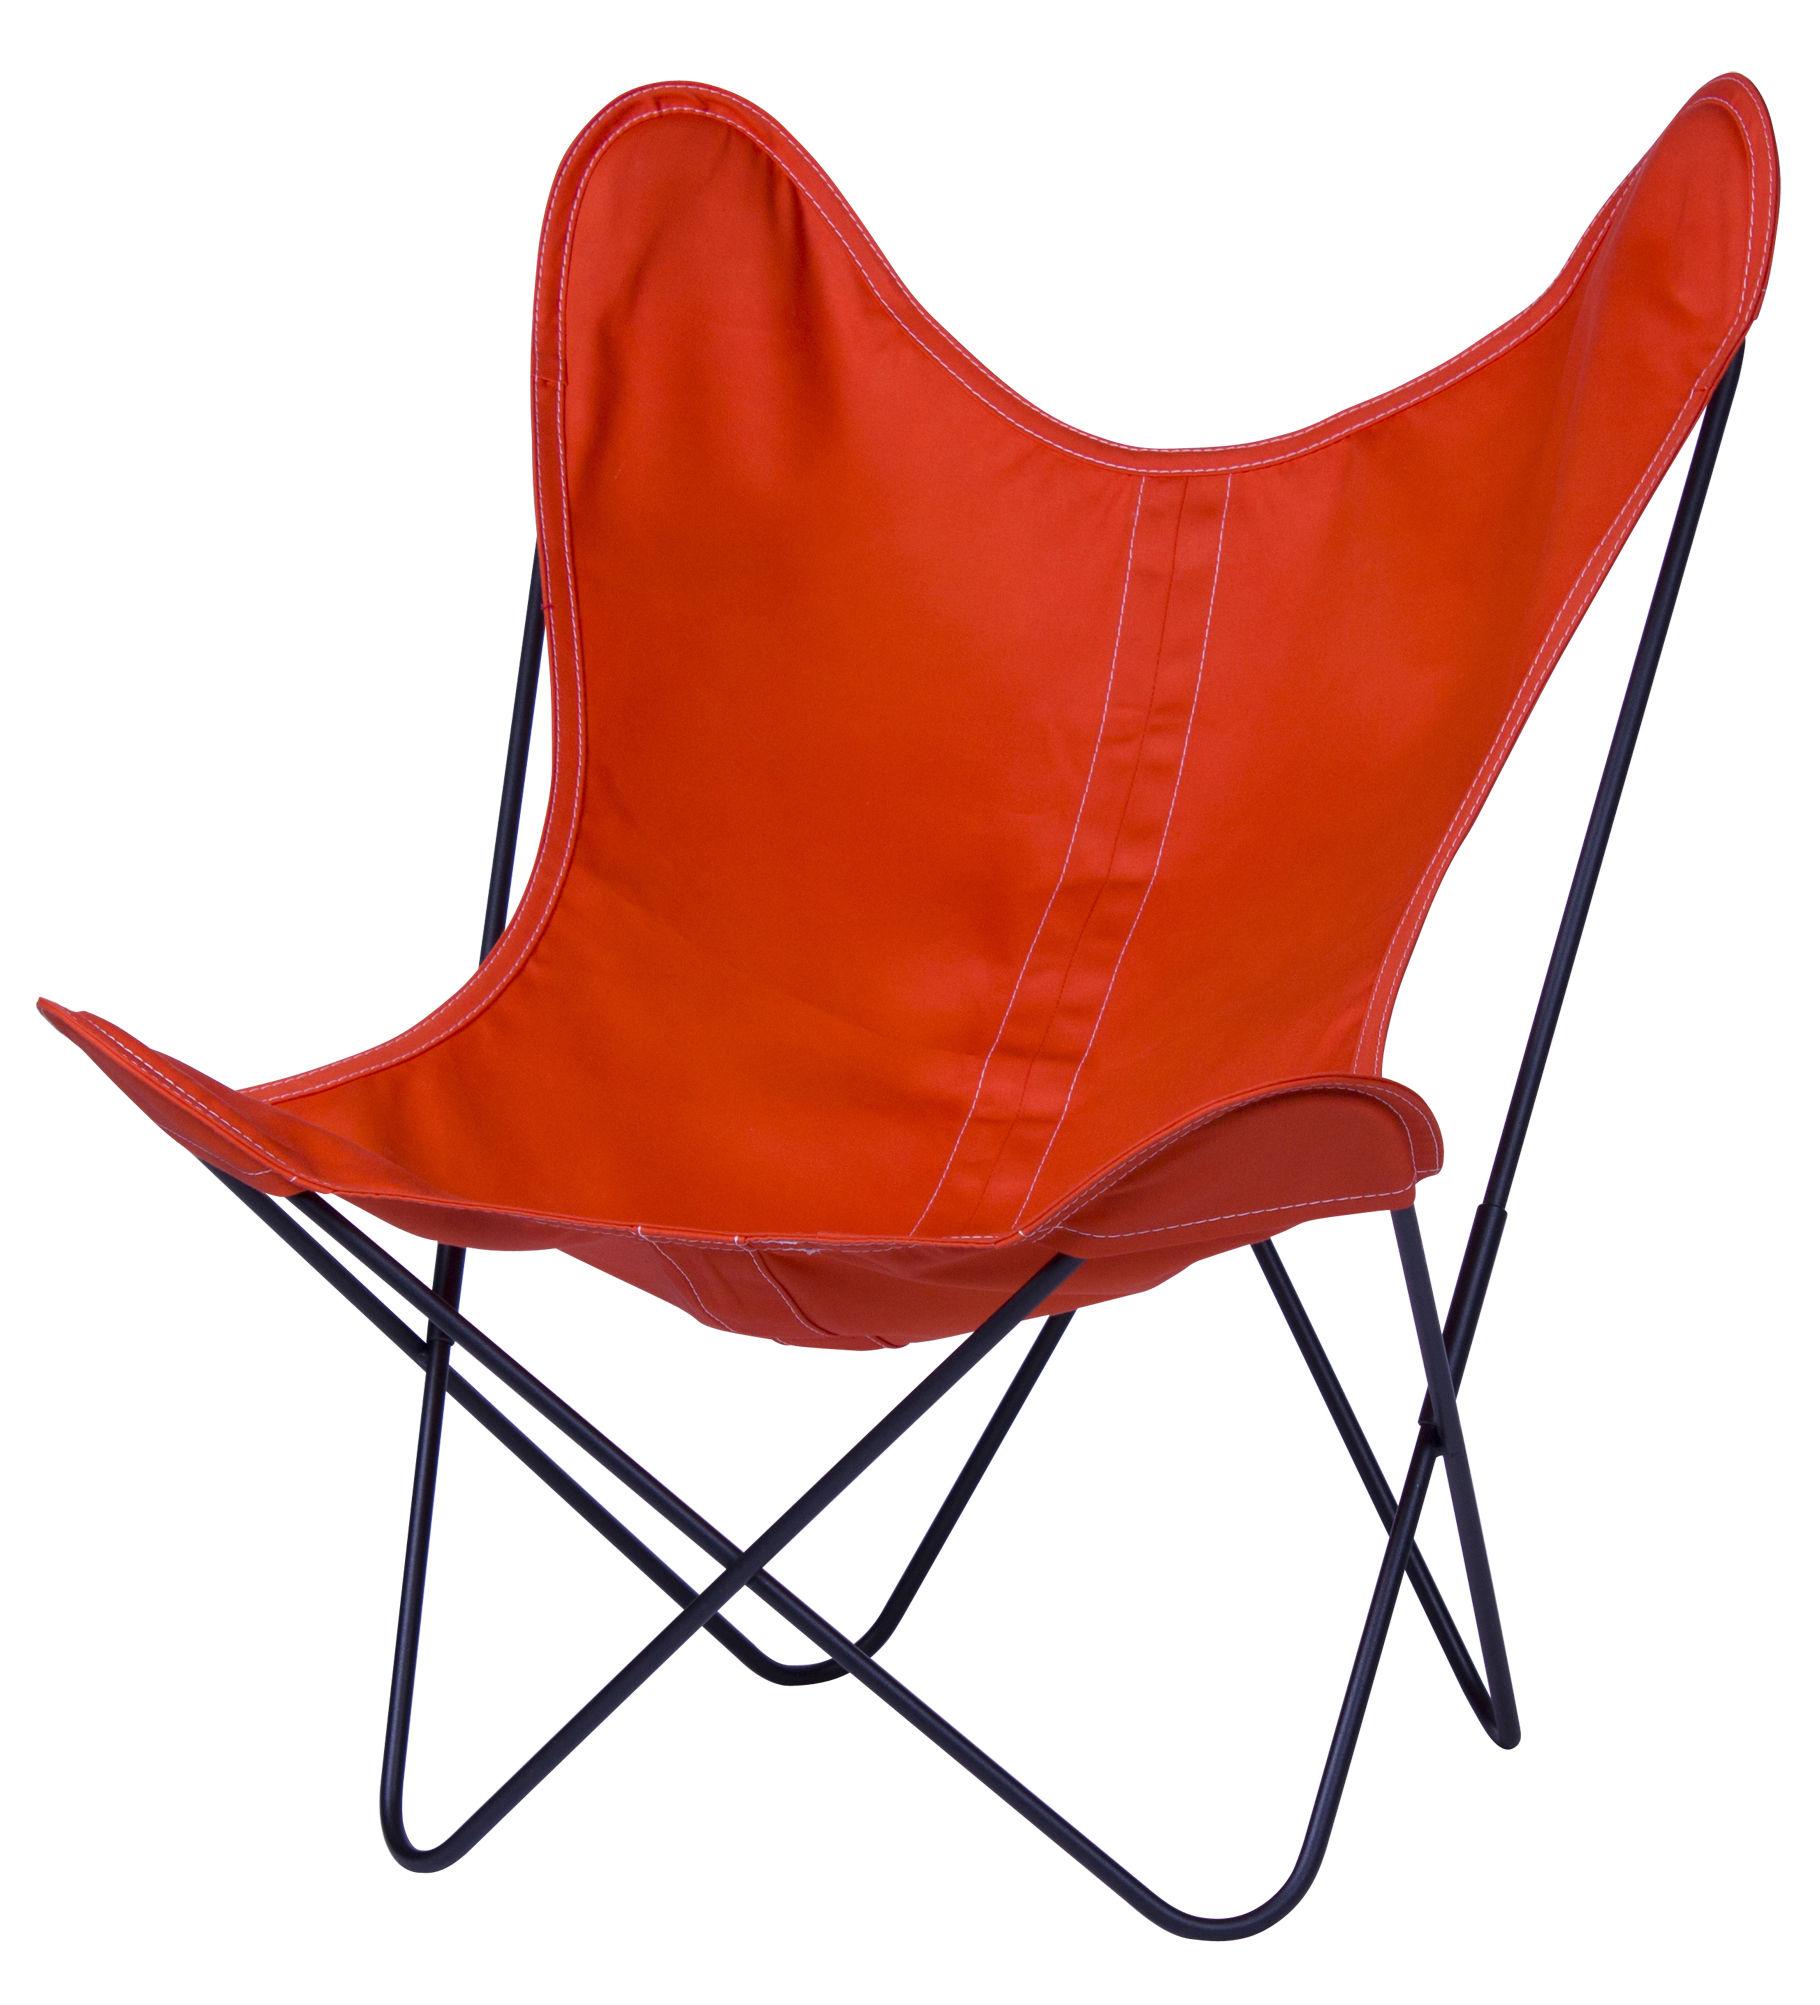 Möbel - Möbel für Kinder - AA Baby Butterfly Kindersessel Stoff - AA-New Design - Mandarine / Gestell schwarz - lackierter Stahl, Leinen